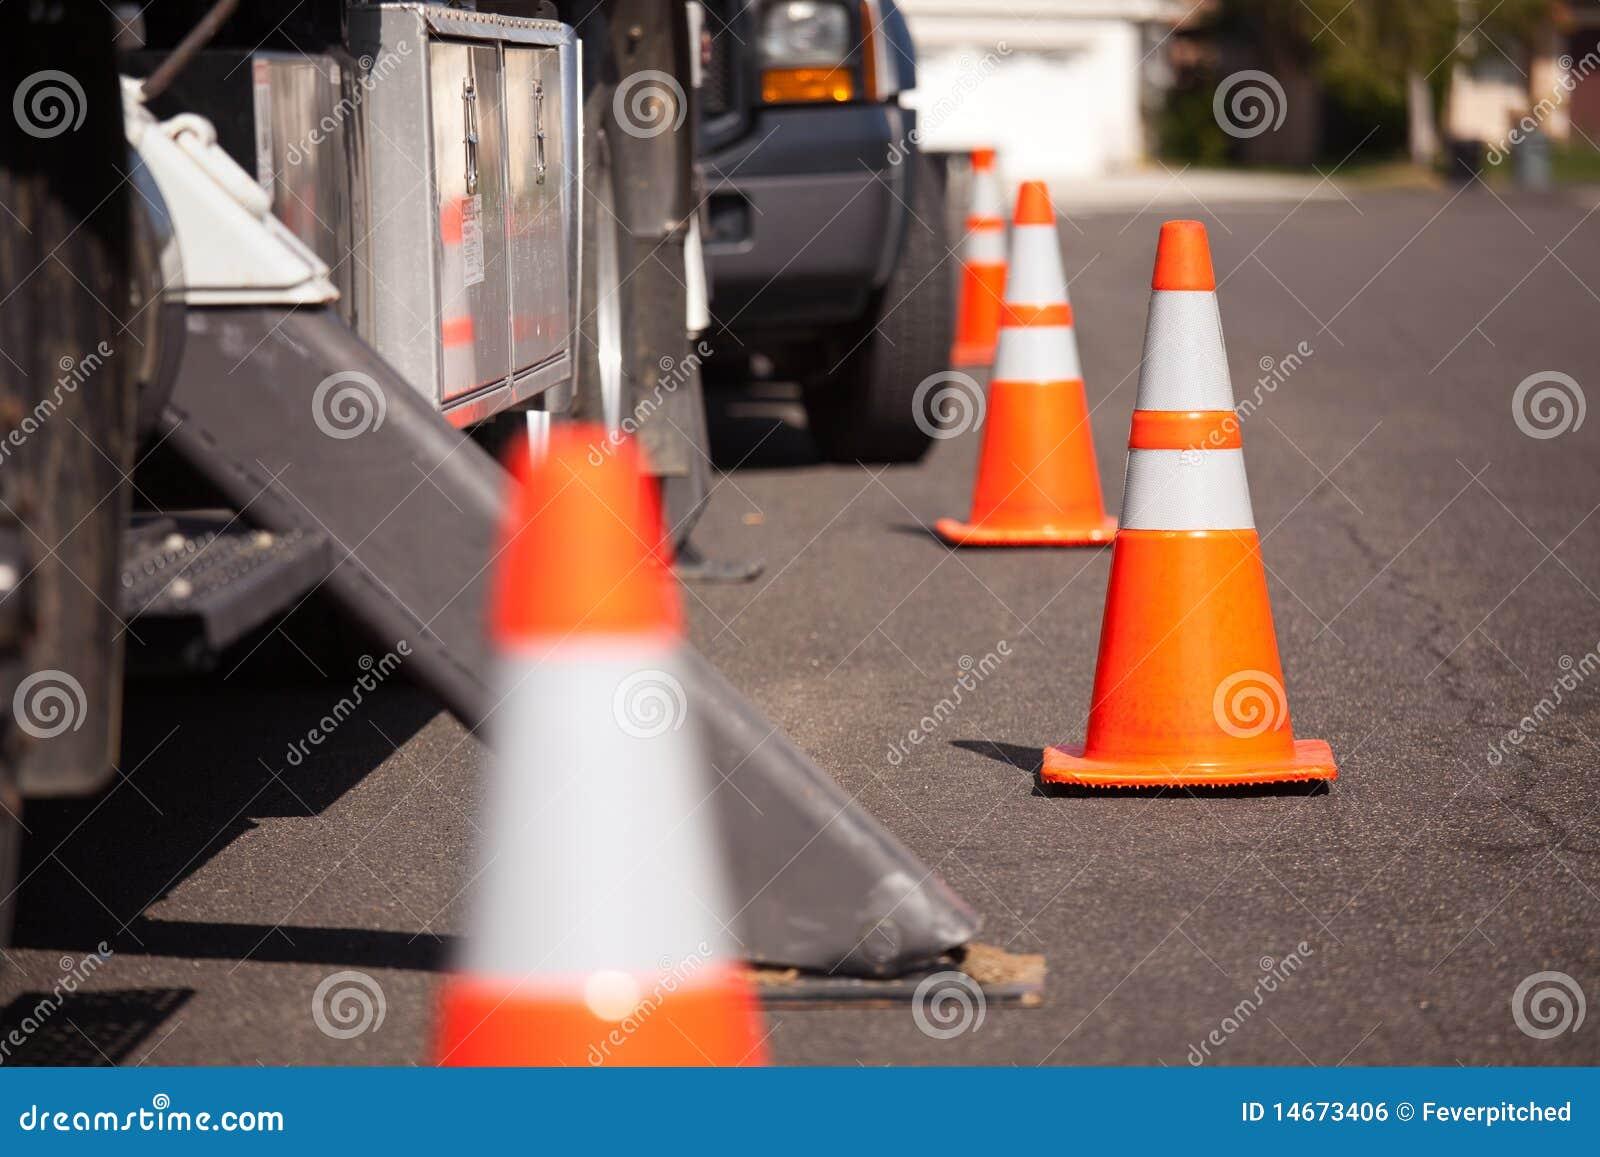 Conos anaranjados del peligro y carro utilitario en calle